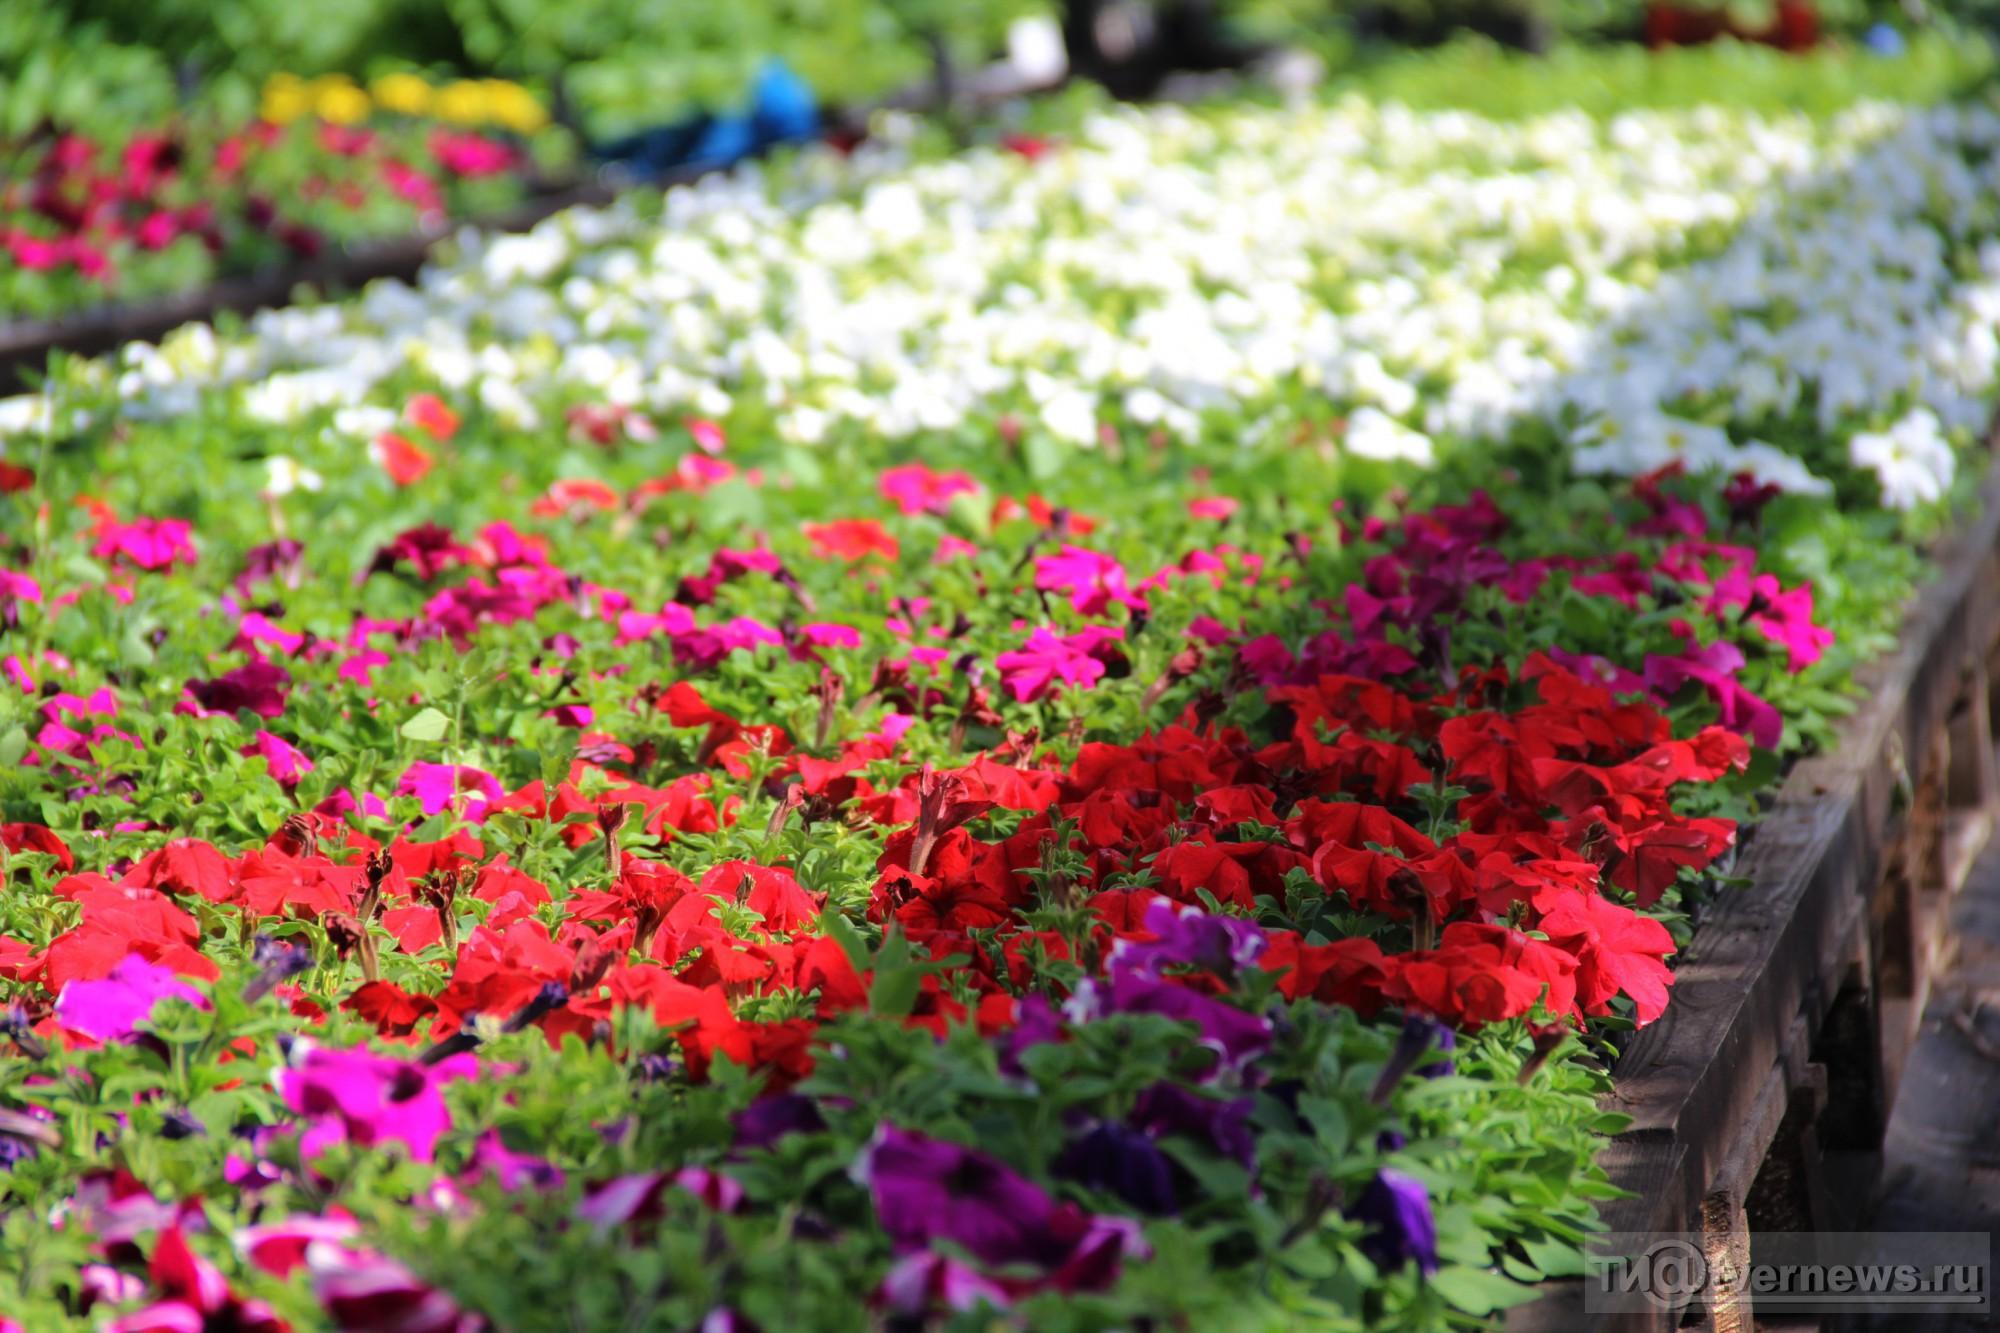 Рассада цветов в Белореченске Краснодарского края цены 52